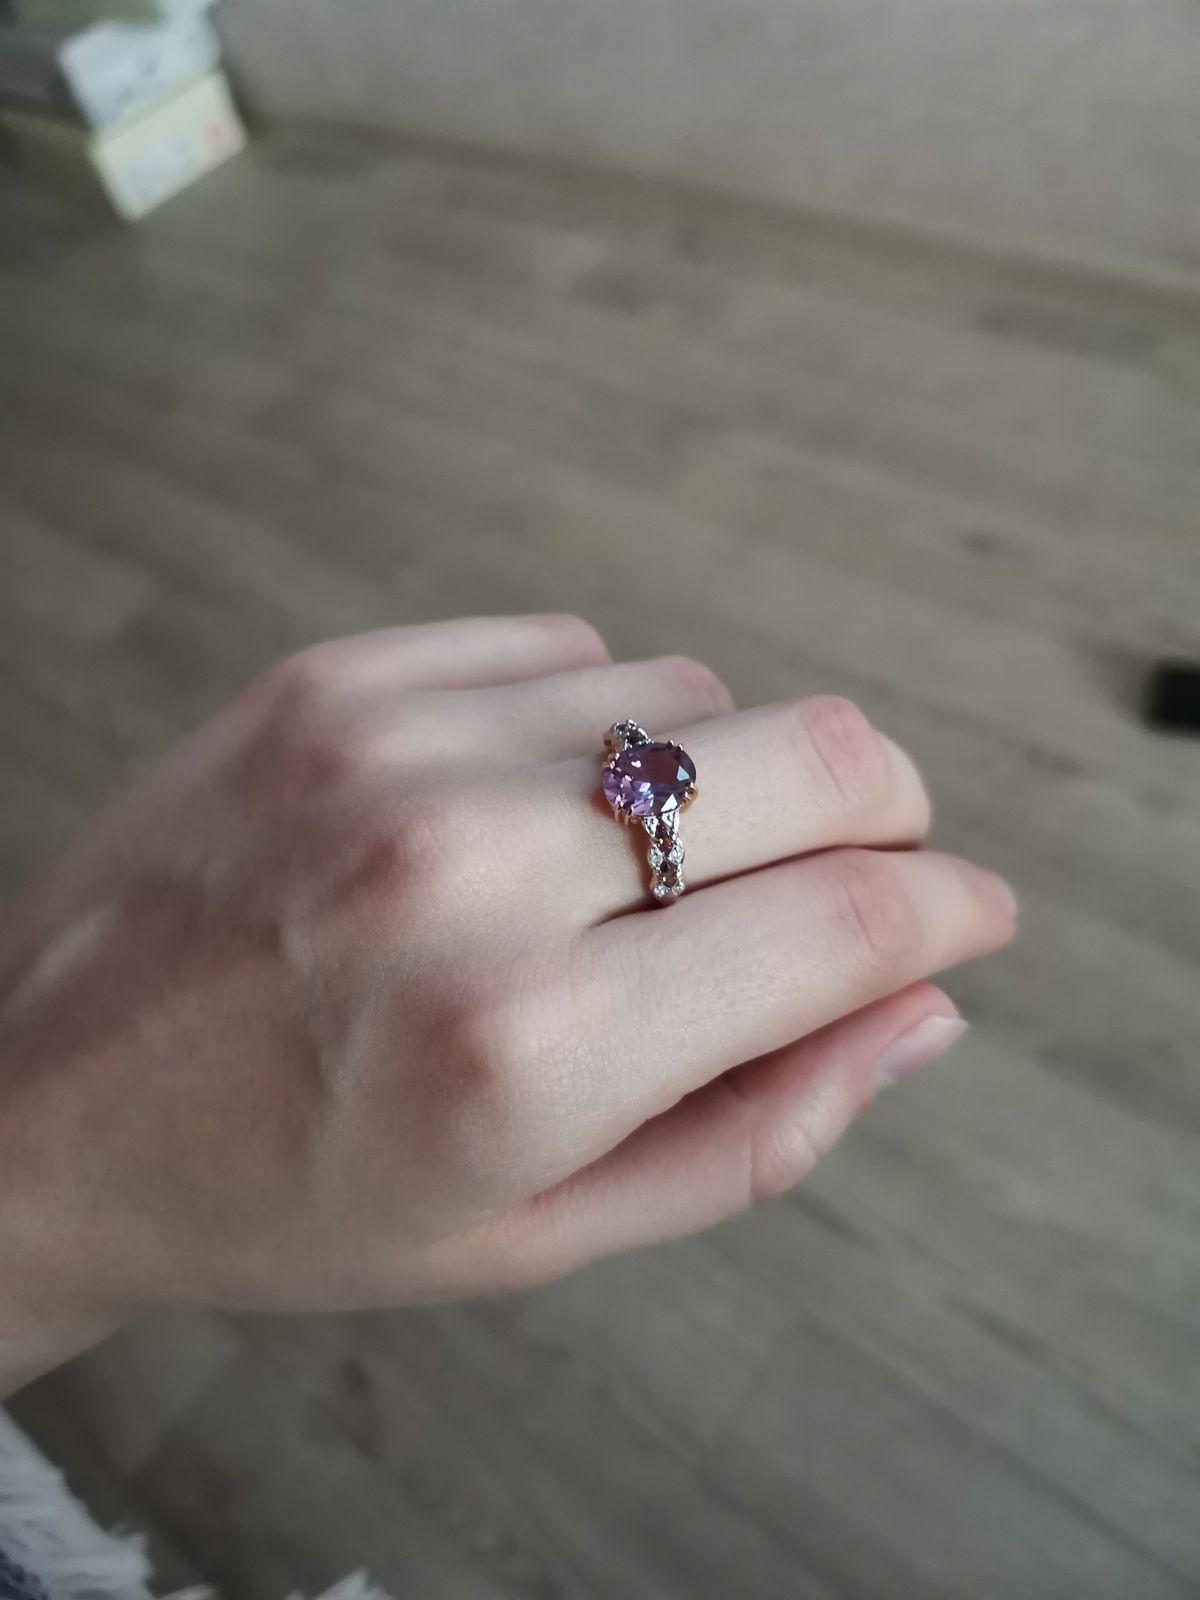 Очень красивое кольцо)